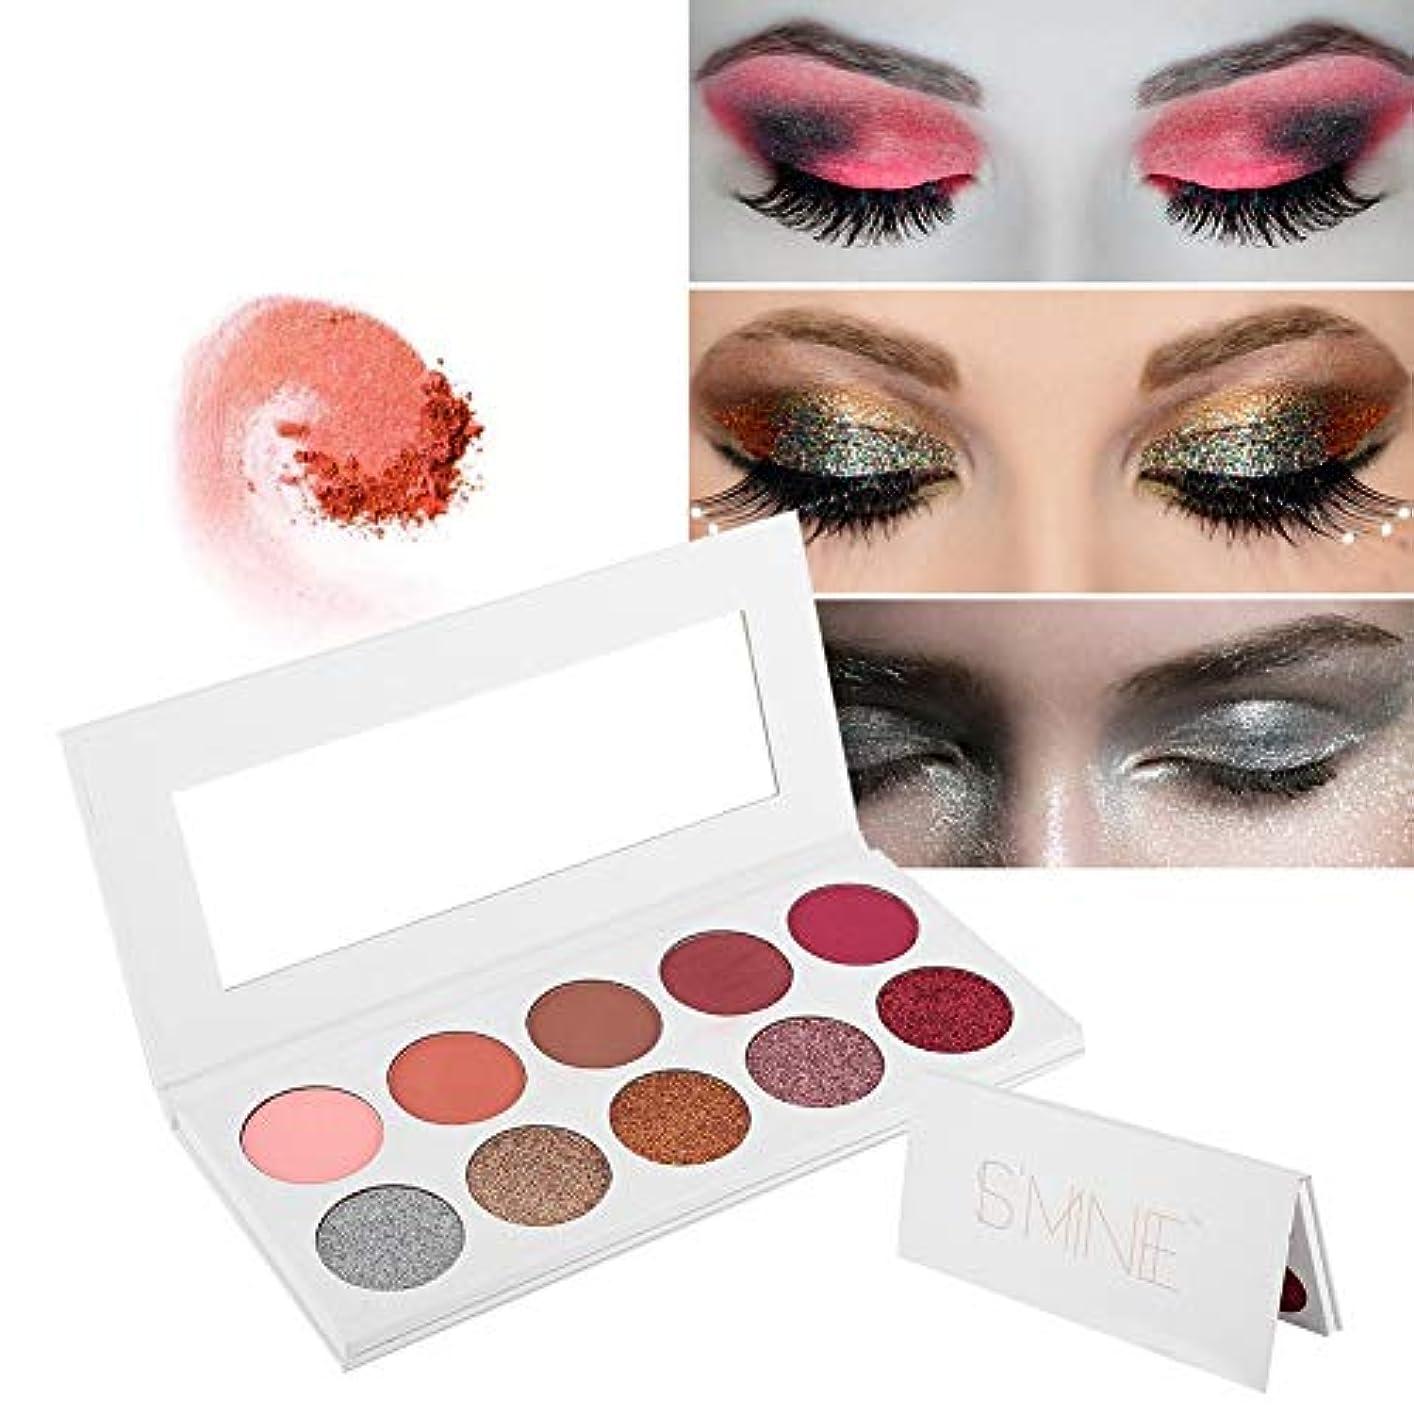 アイシャドウパレット アイシャドウパレット 10色 化粧マット グロス アイシャドウパウダー 化粧品ツール